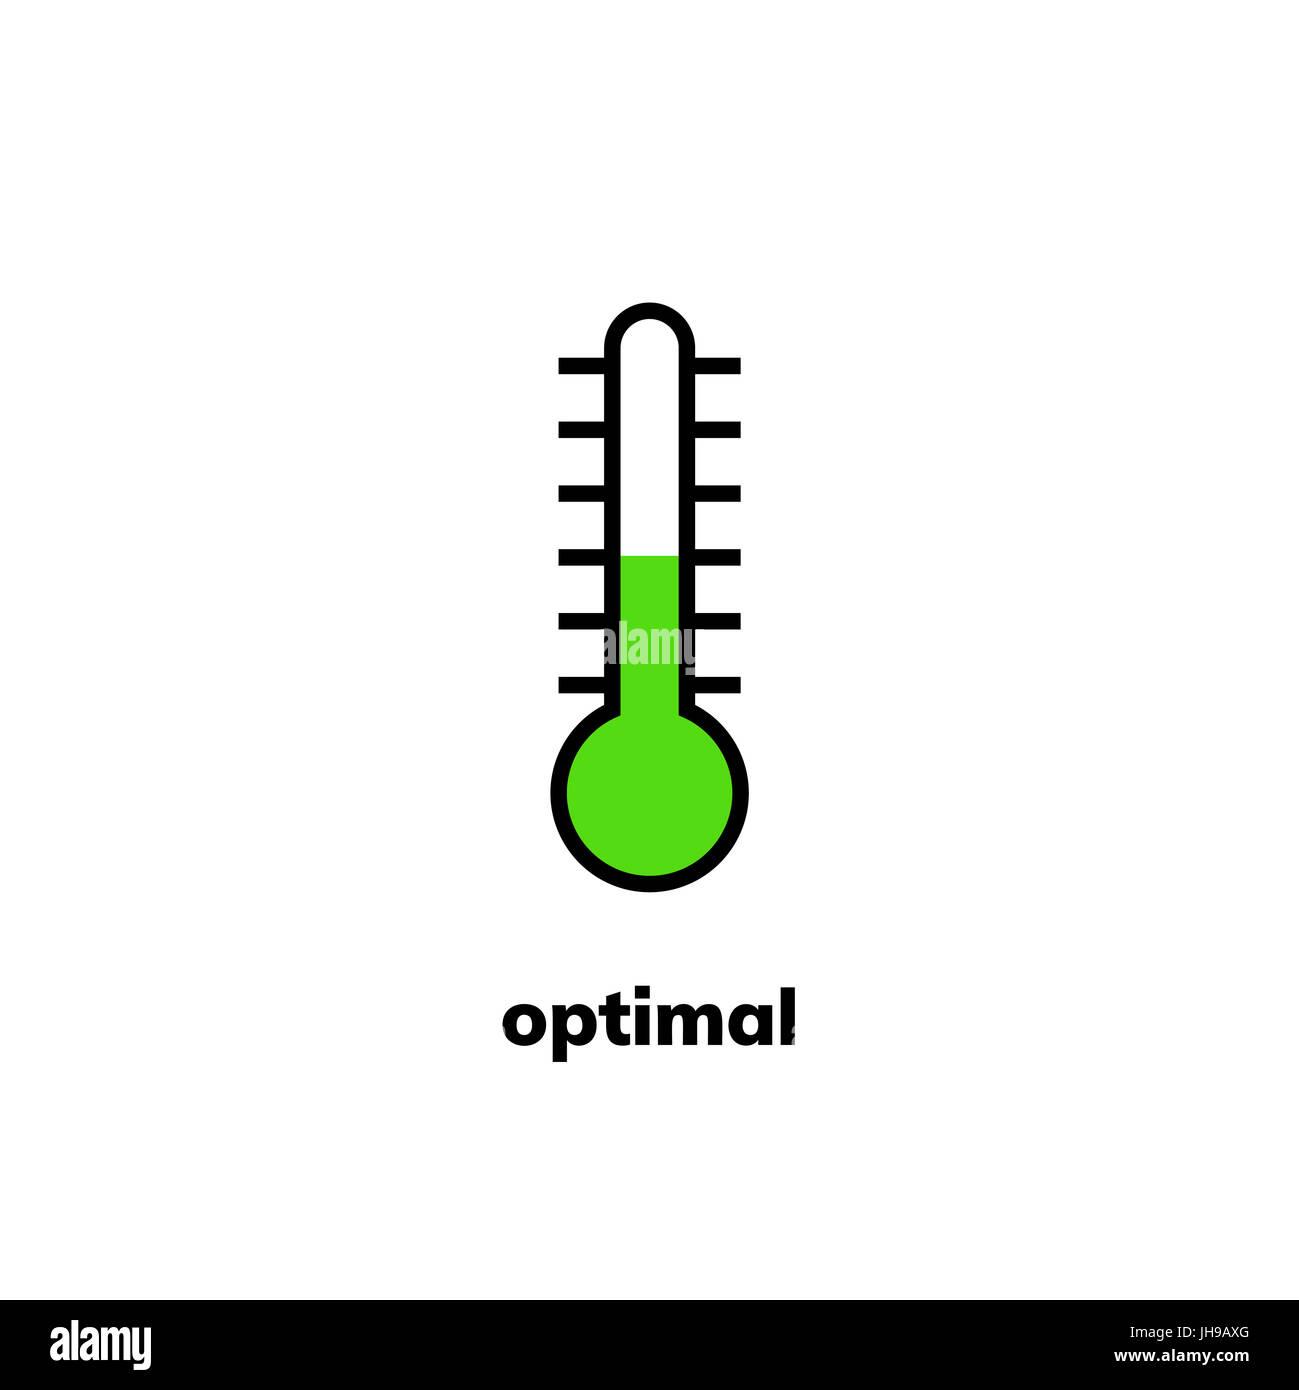 Icona della temperatura, clip art. A stretta gamma termometro a mercurio mostra meteo ottimale Immagini Stock